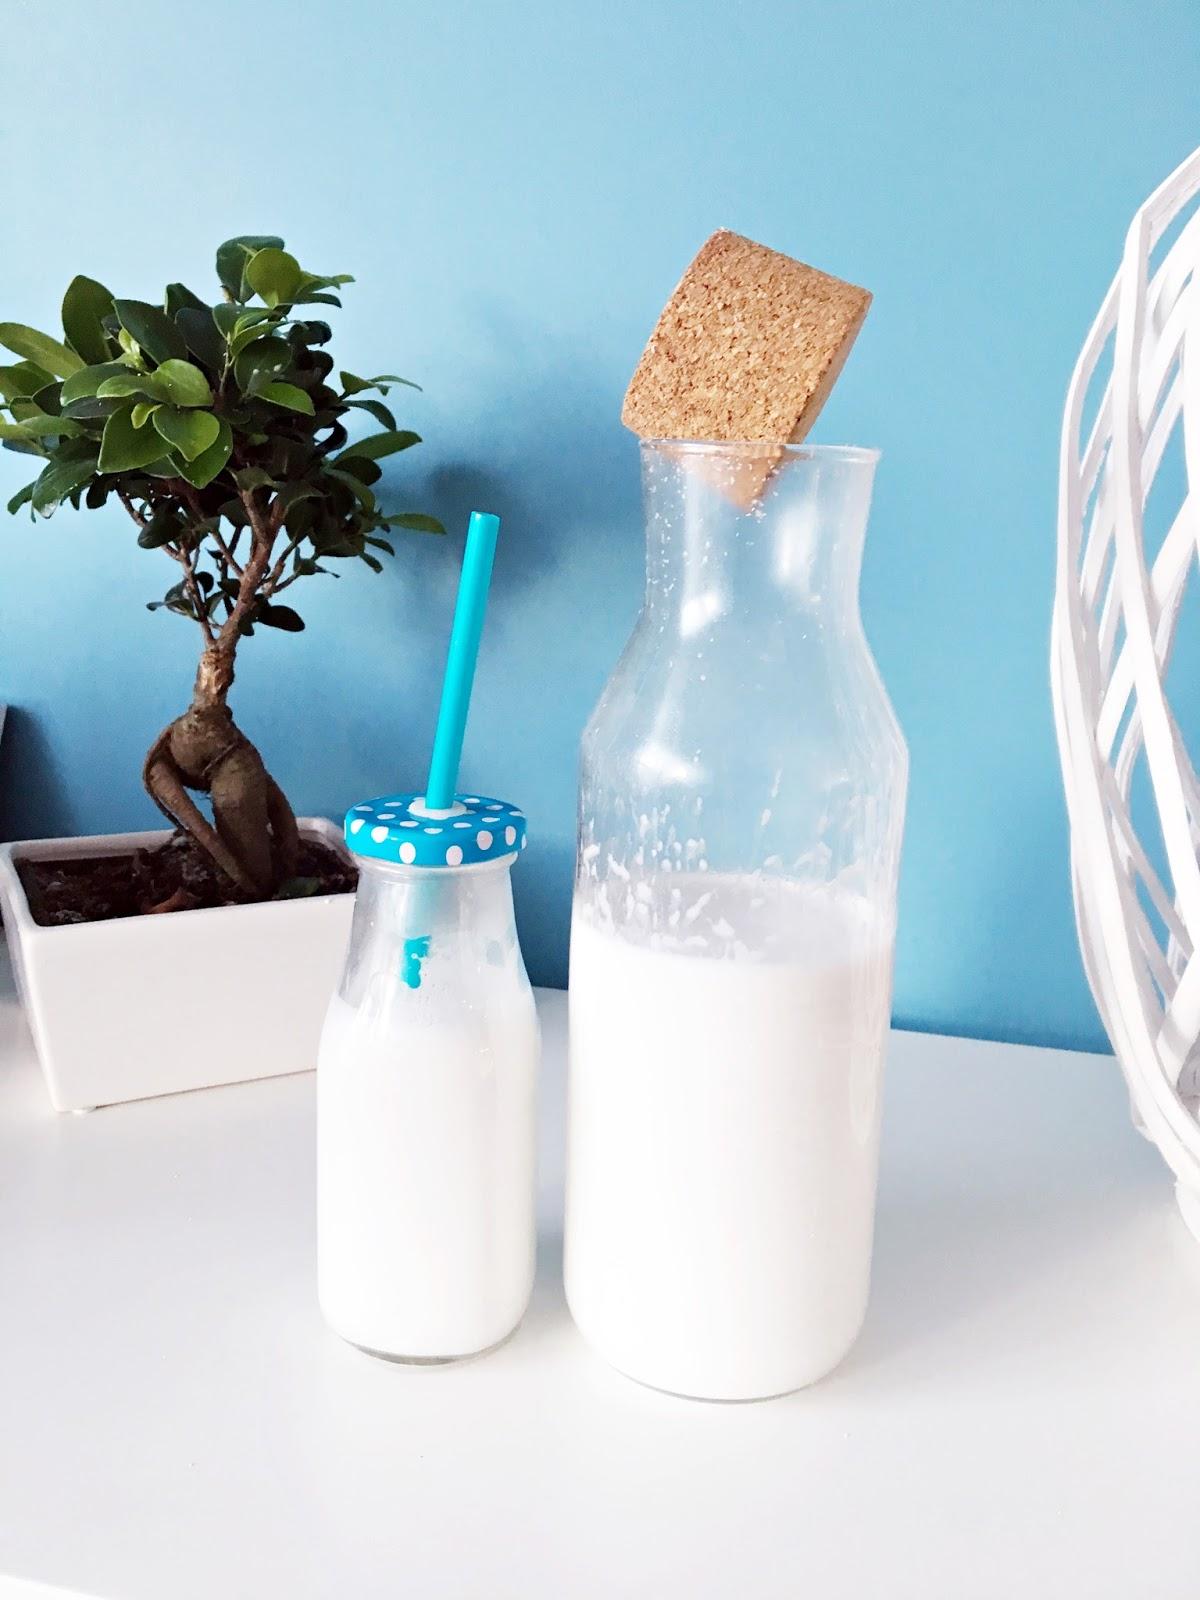 mleczko kokosowe przepisy